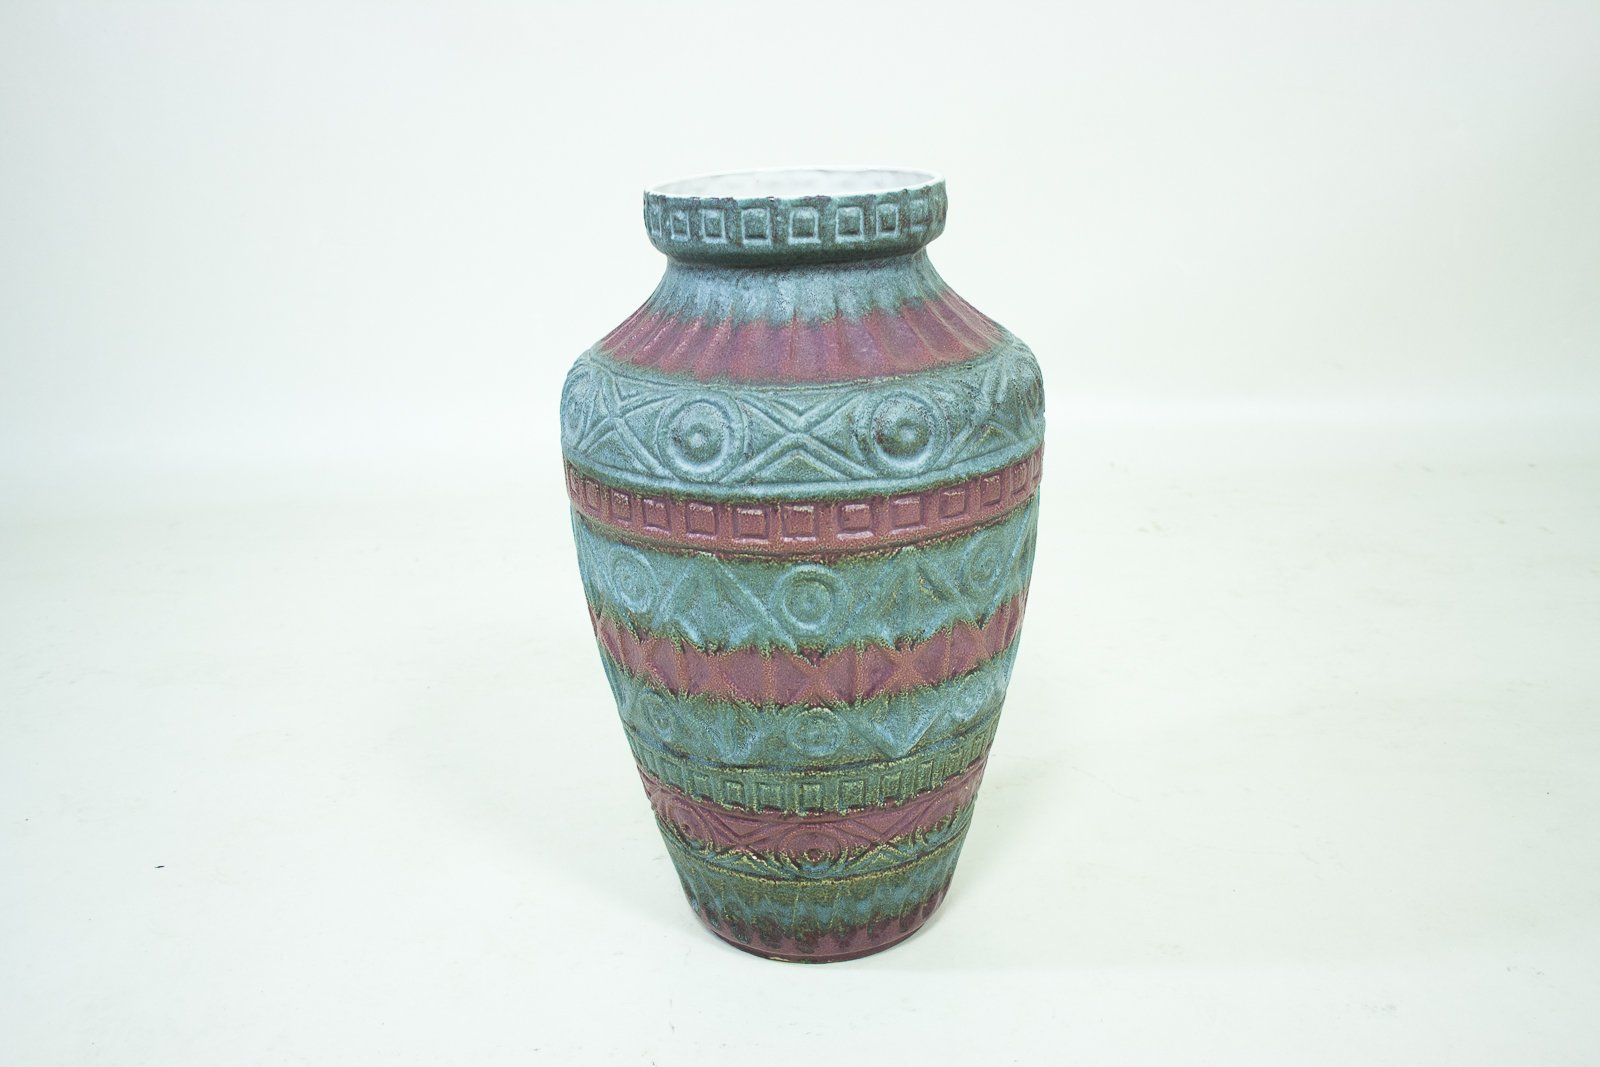 deutsche vintage vasen aus keramik von bodo mans f r bay keramik 2er set bei pamono kaufen. Black Bedroom Furniture Sets. Home Design Ideas